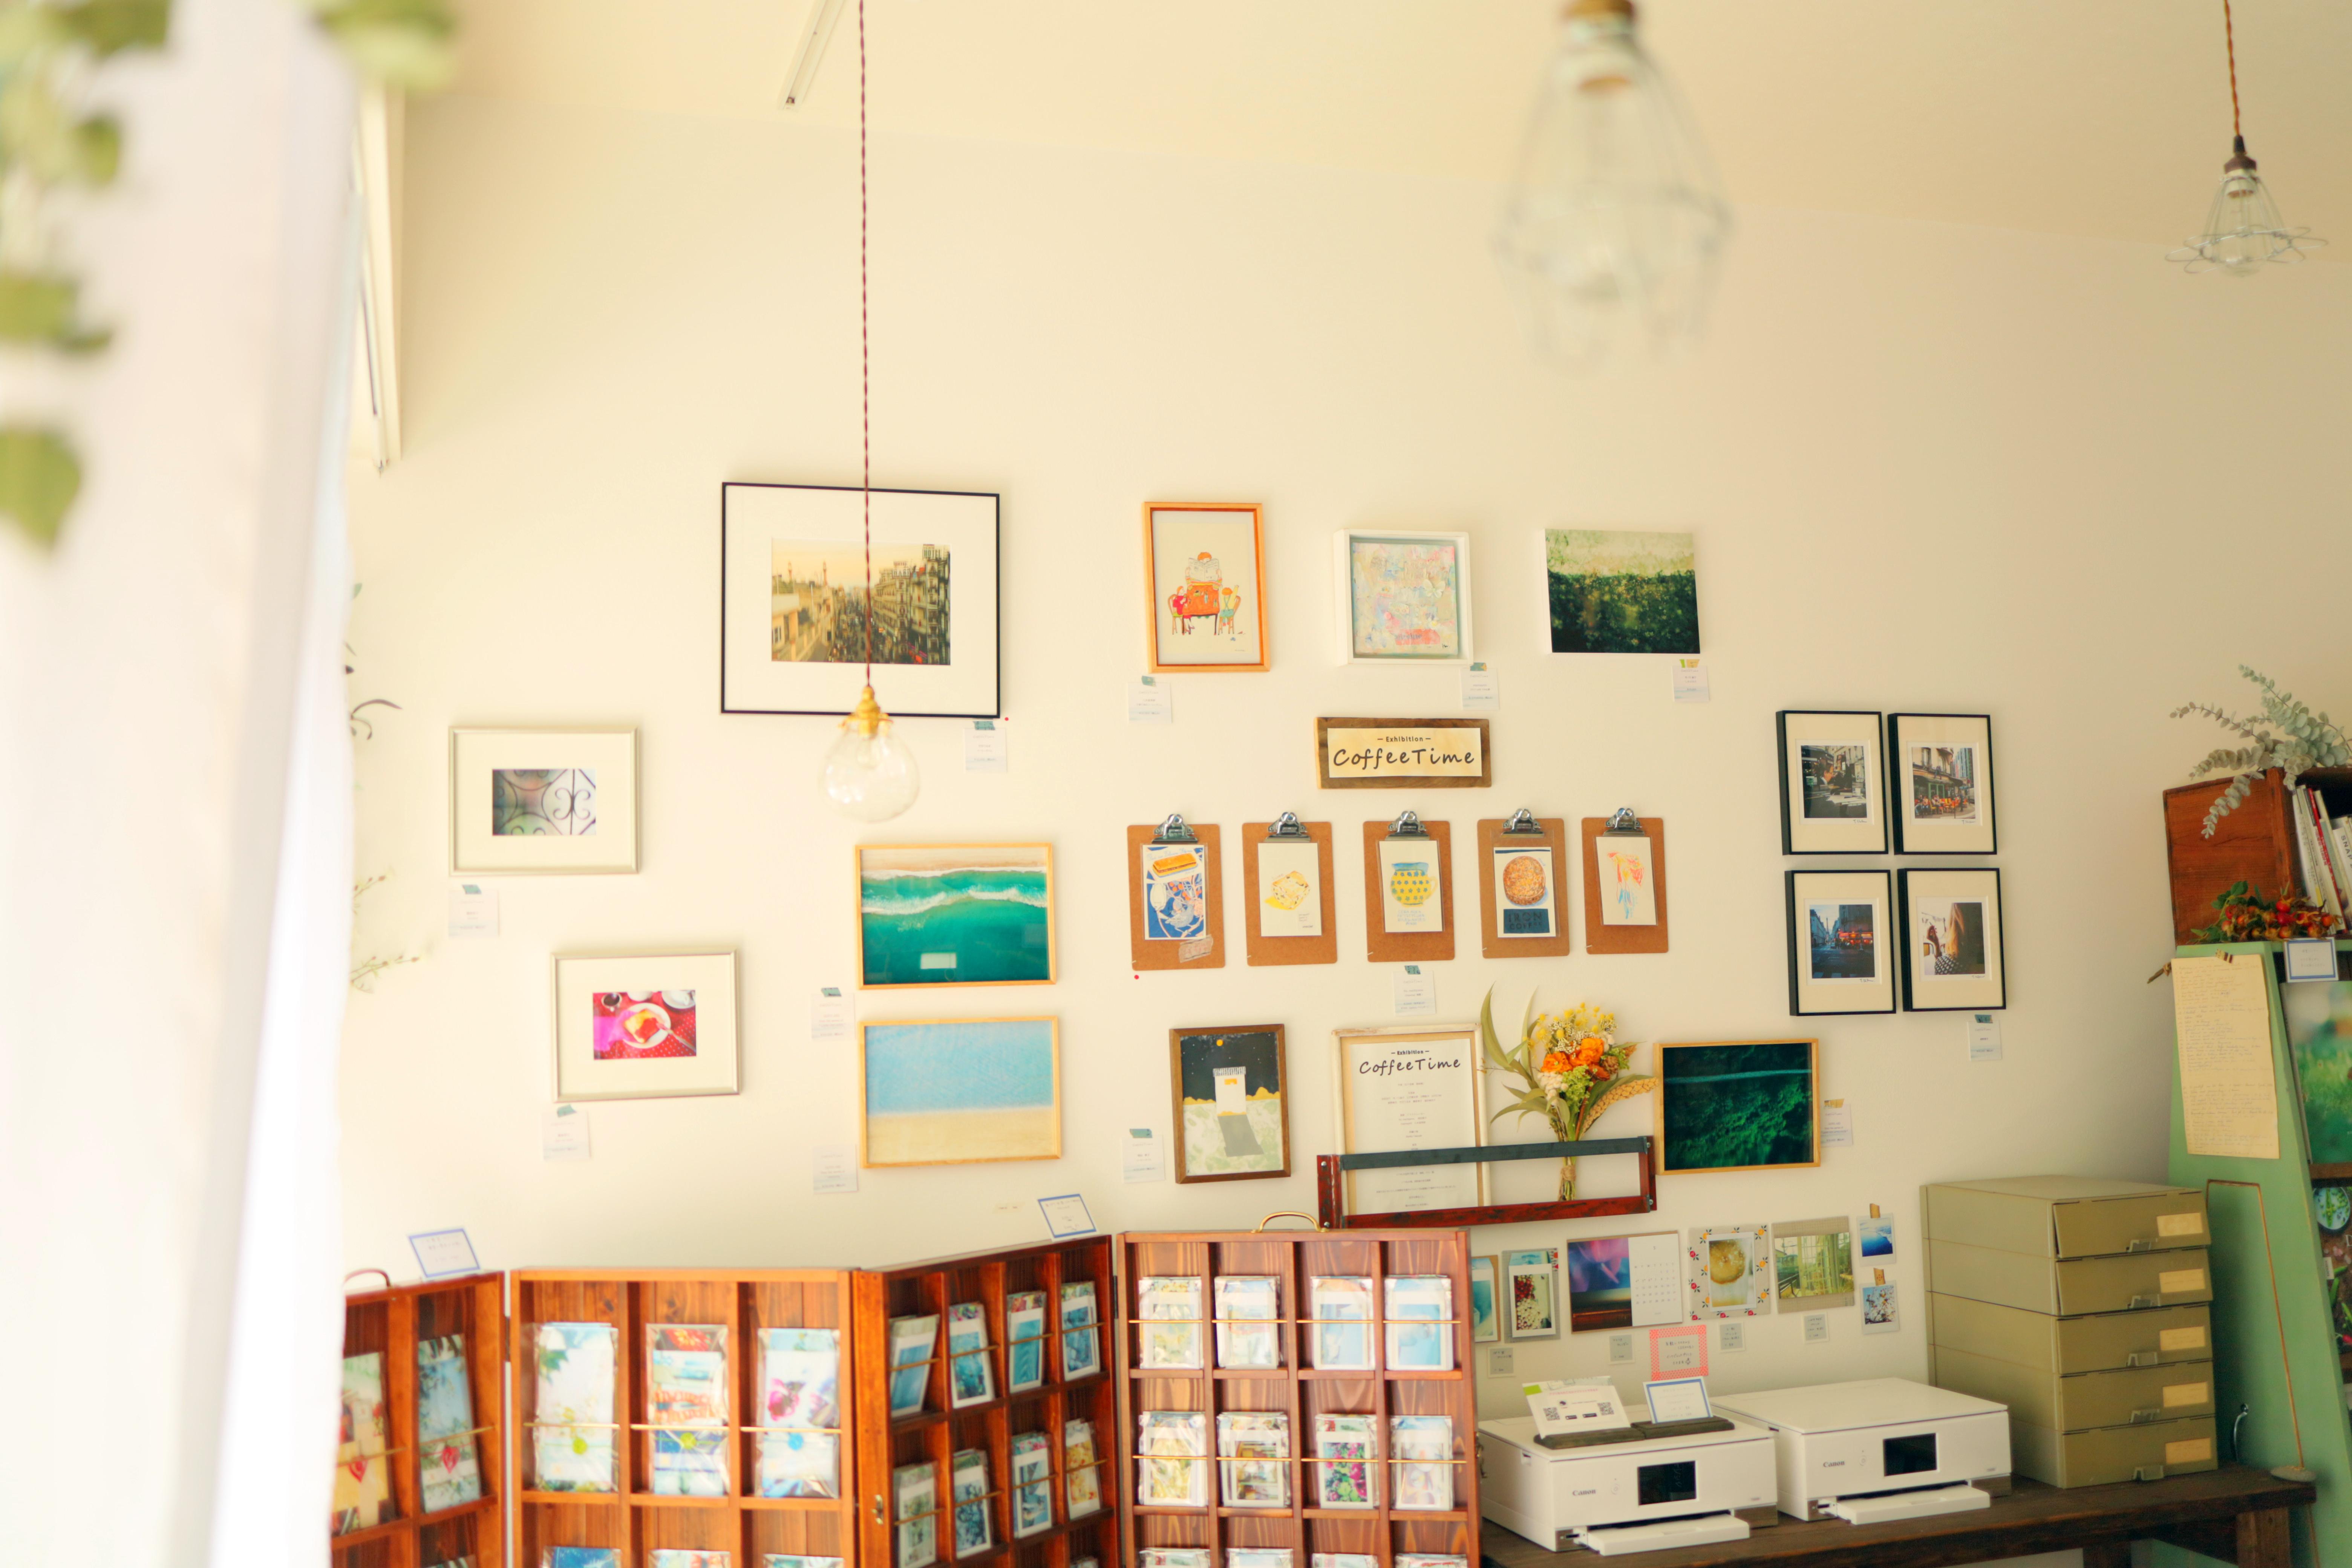 AtelierPiccolo 気の抜けた壁ギャラリーExhibitionの公開延長のお知らせ